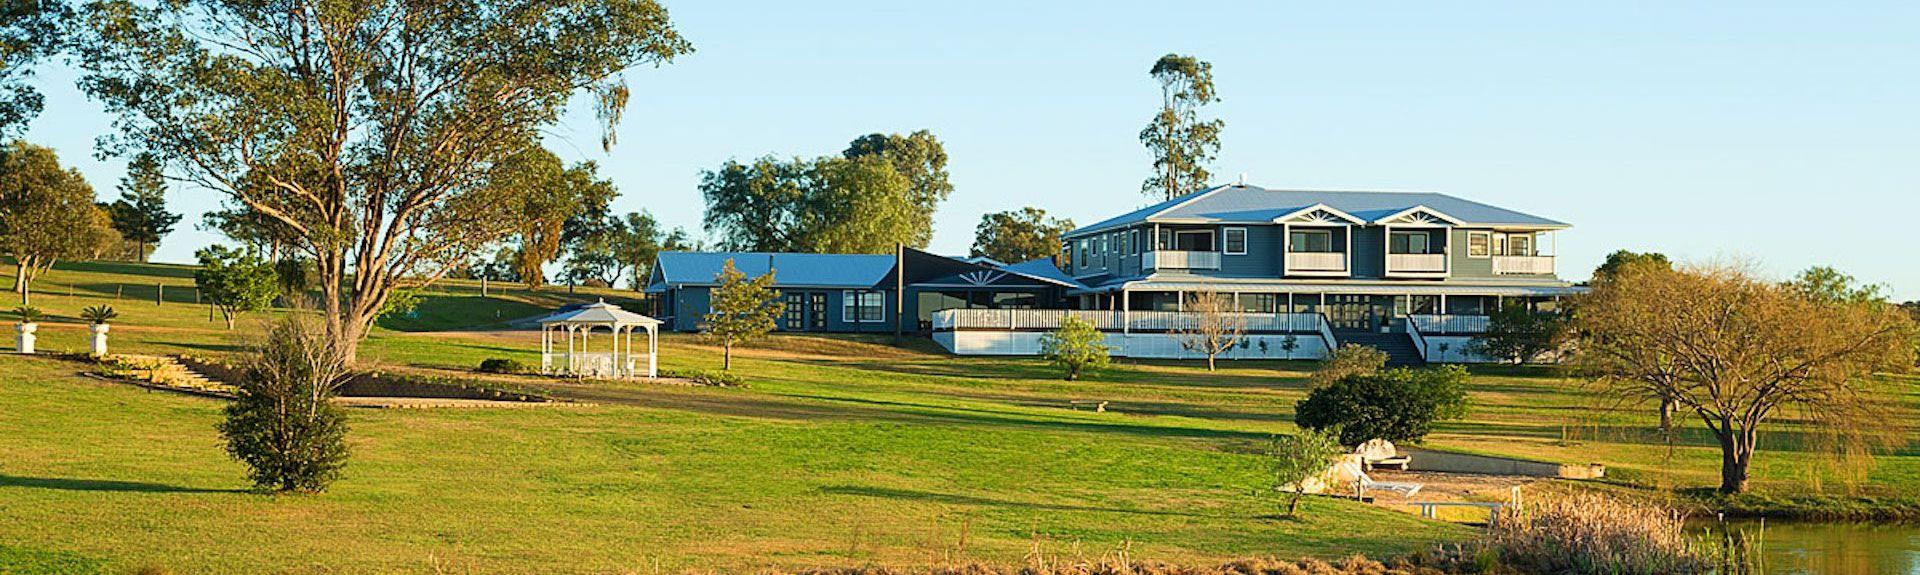 Brokenwood wijndomein, Pokolbin, New South Wales, Australië